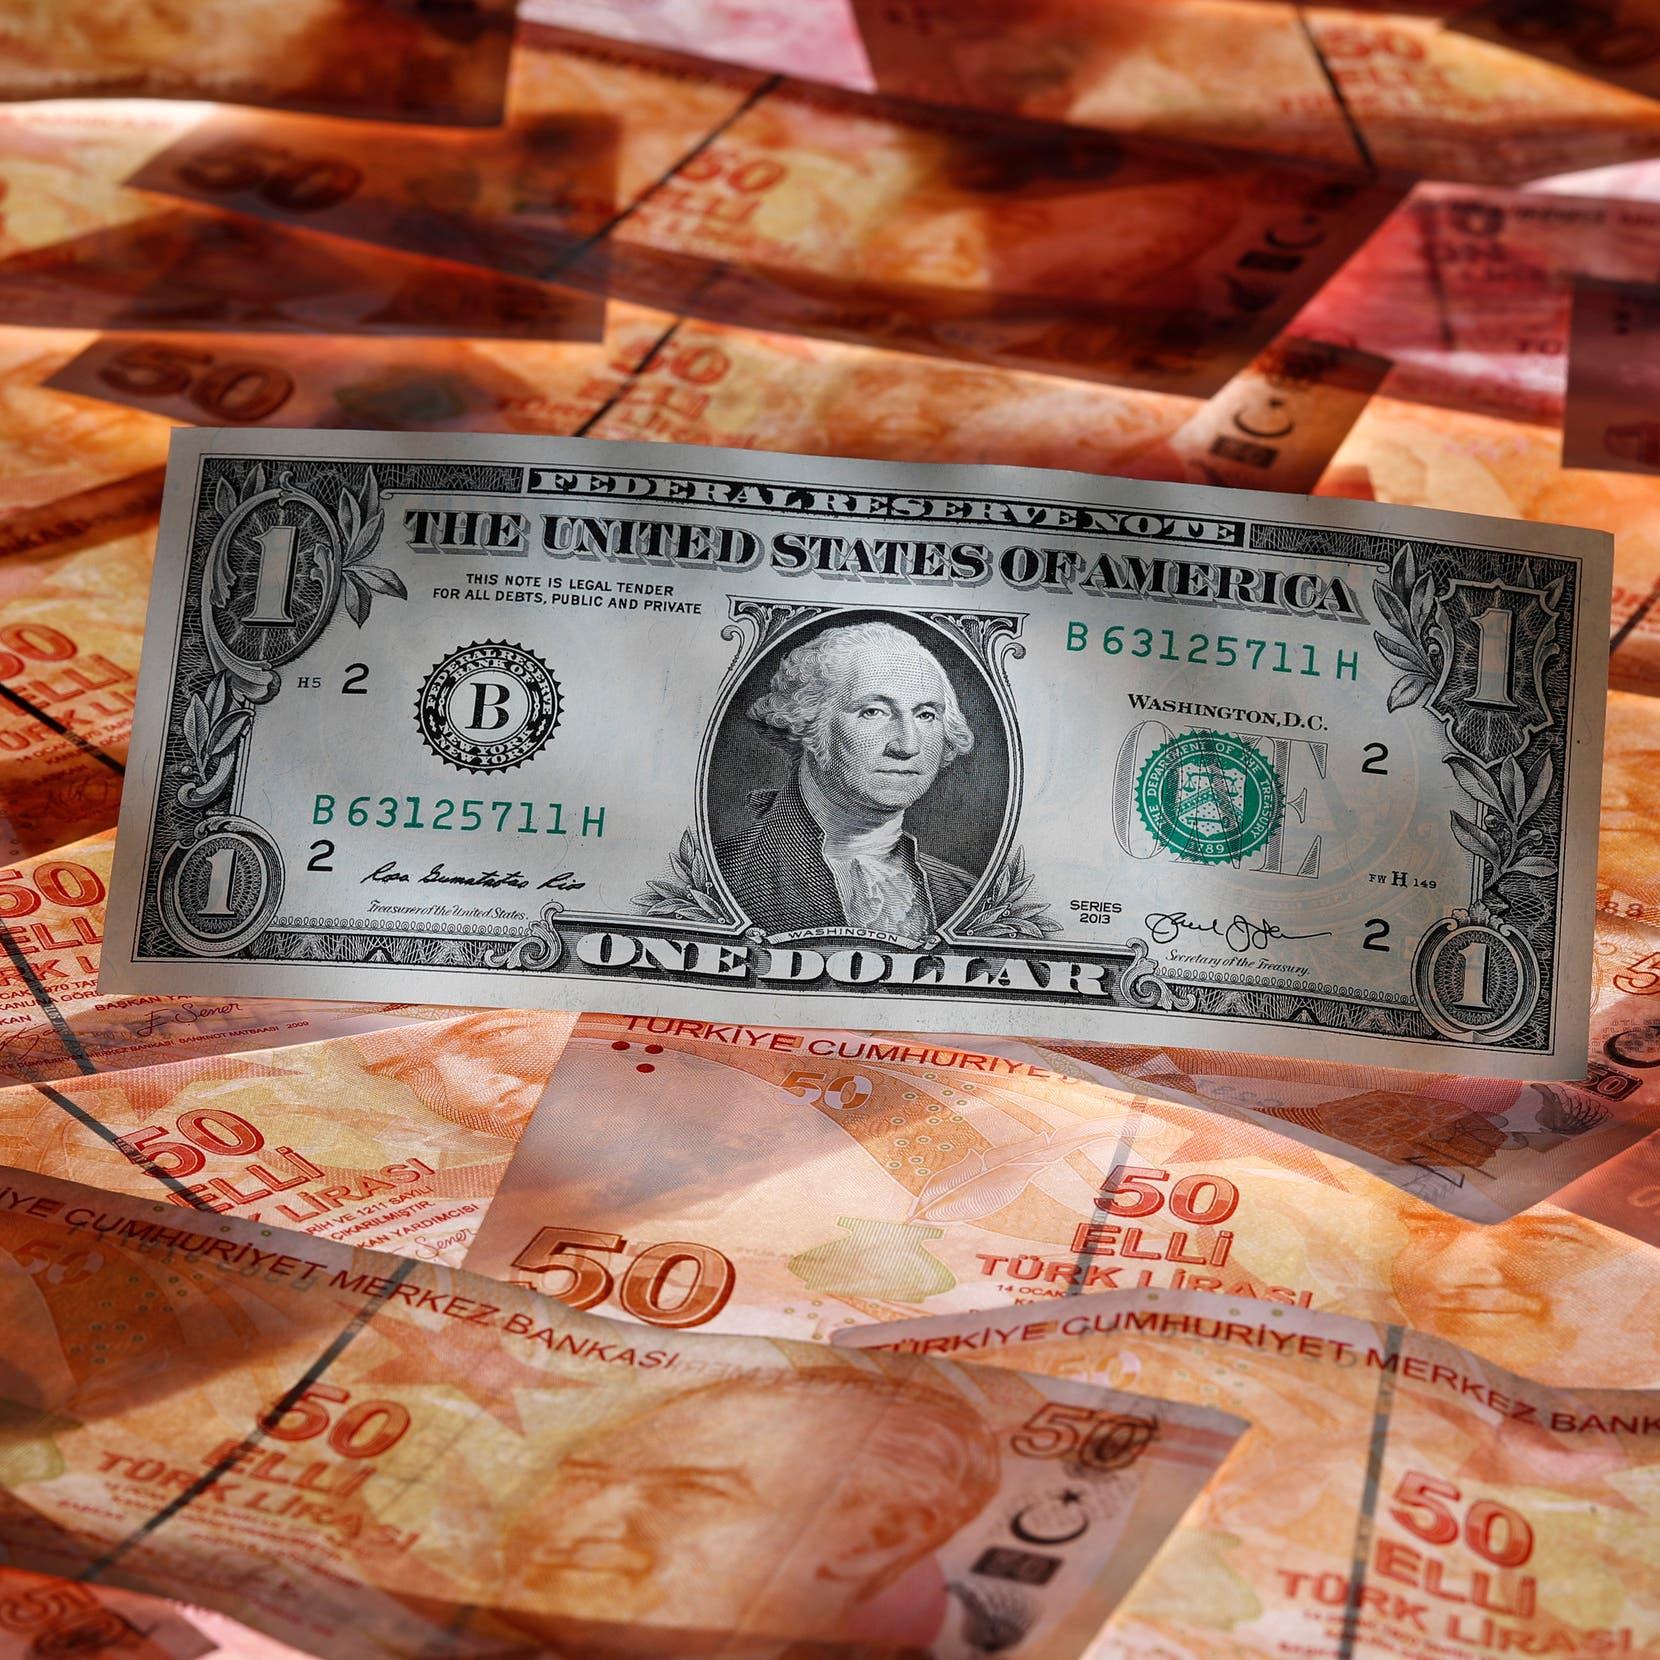 بنك استثمار عالمي يتوقع هذا الأداء لليرة التركية خلال الفترة المقبلة